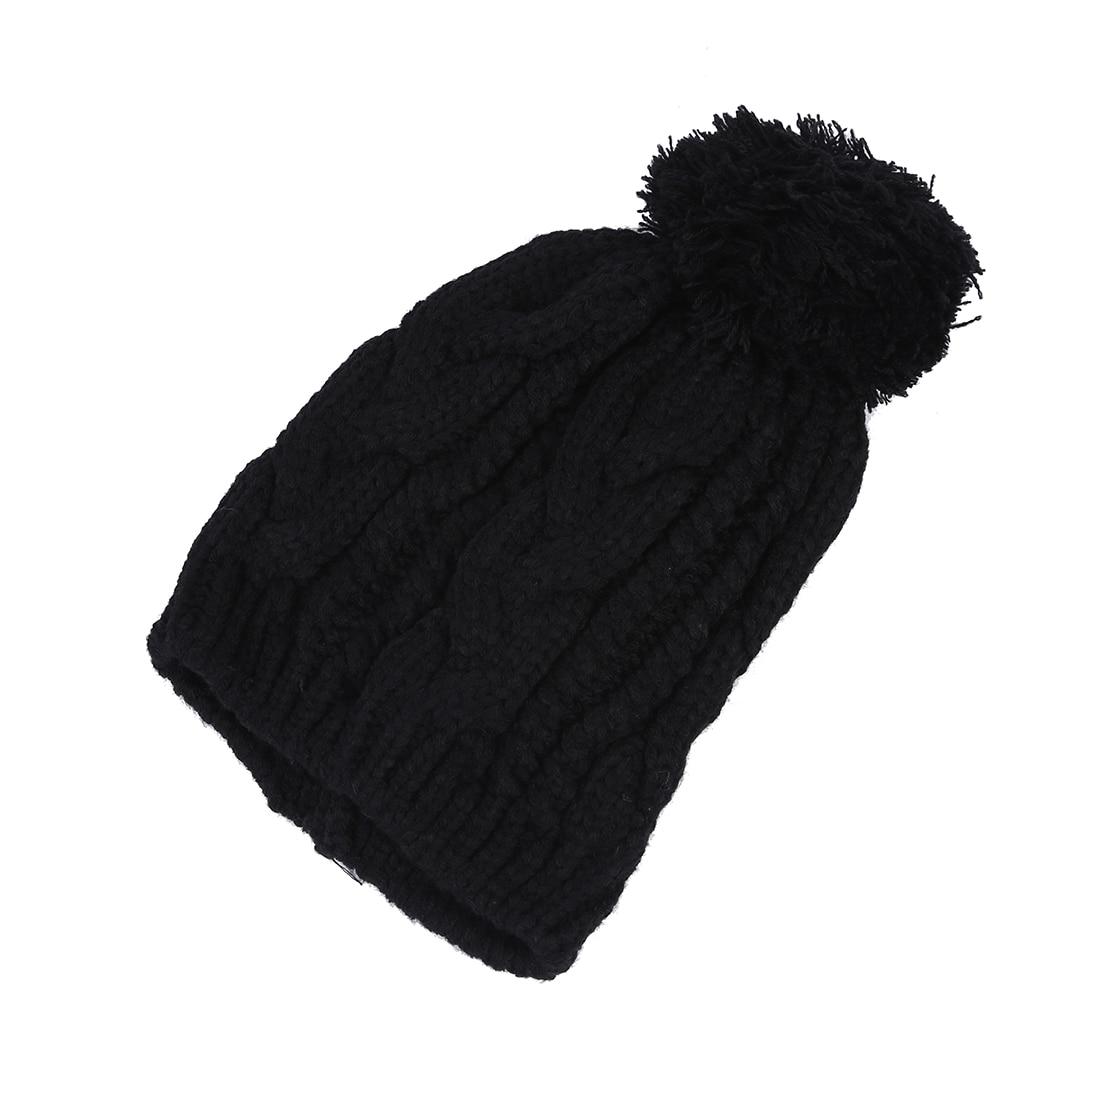 MYPF-Warm Winter Unisex Men Women Crochet Knit Bobble Beanie Baggy Hat Cap hot winter beanie knit crochet ski hat plicate baggy oversized slouch unisex cap